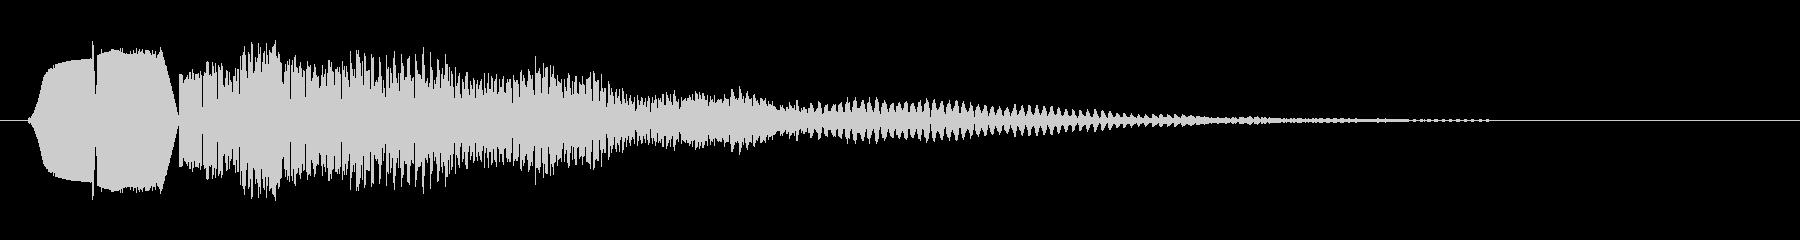 ピボッ(プッシュ音)の未再生の波形